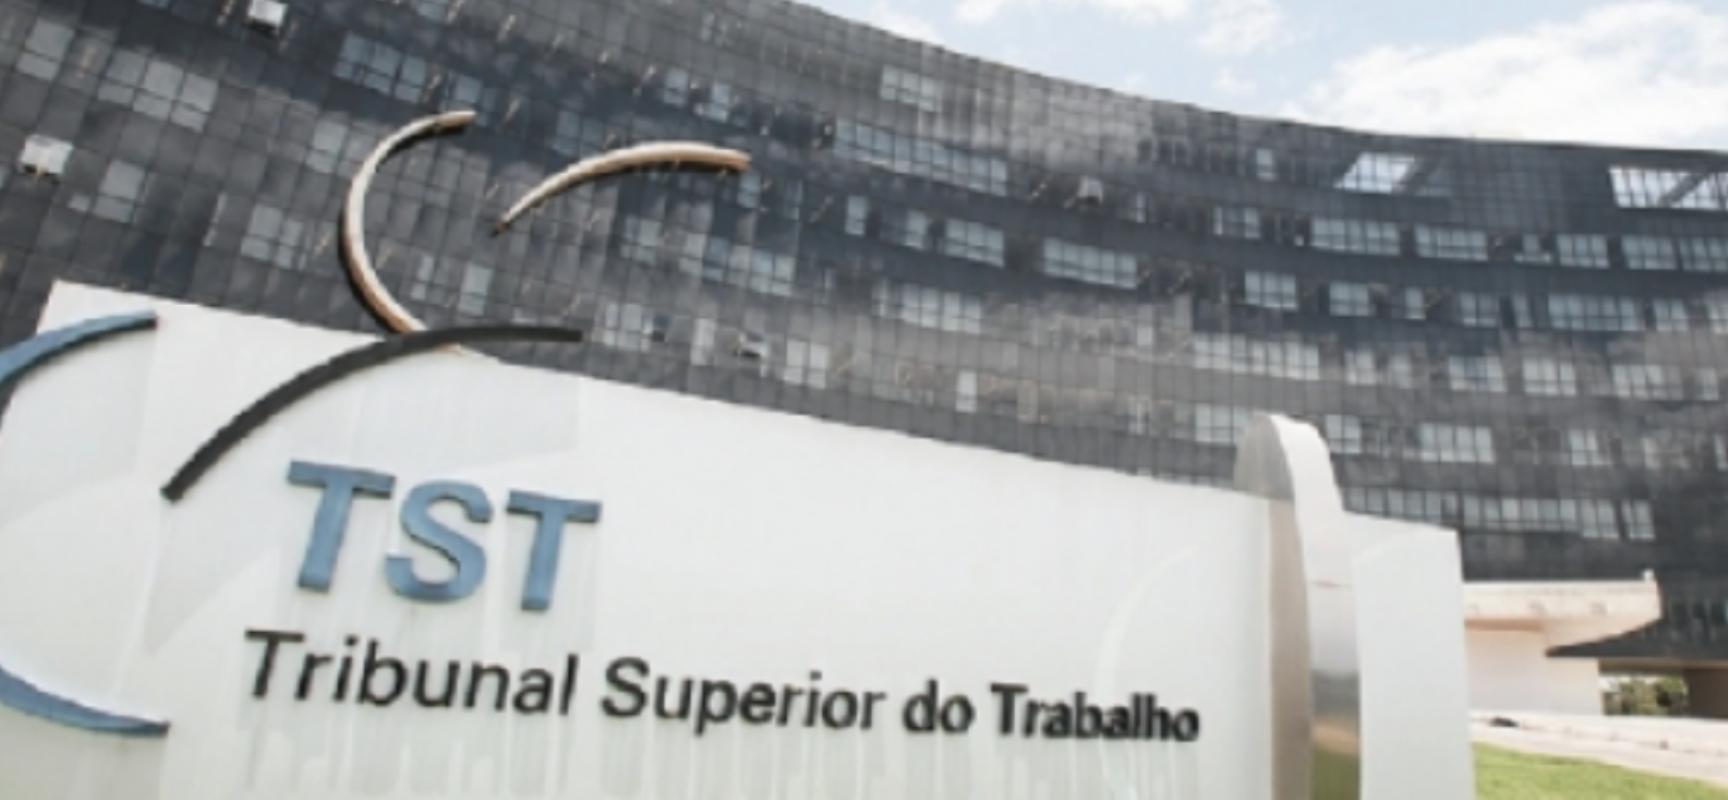 O processo do trabalho na pós-modernidade – II Encontro AASP e TST: Homenagem ao ministro Walmir Oliveira da Costa